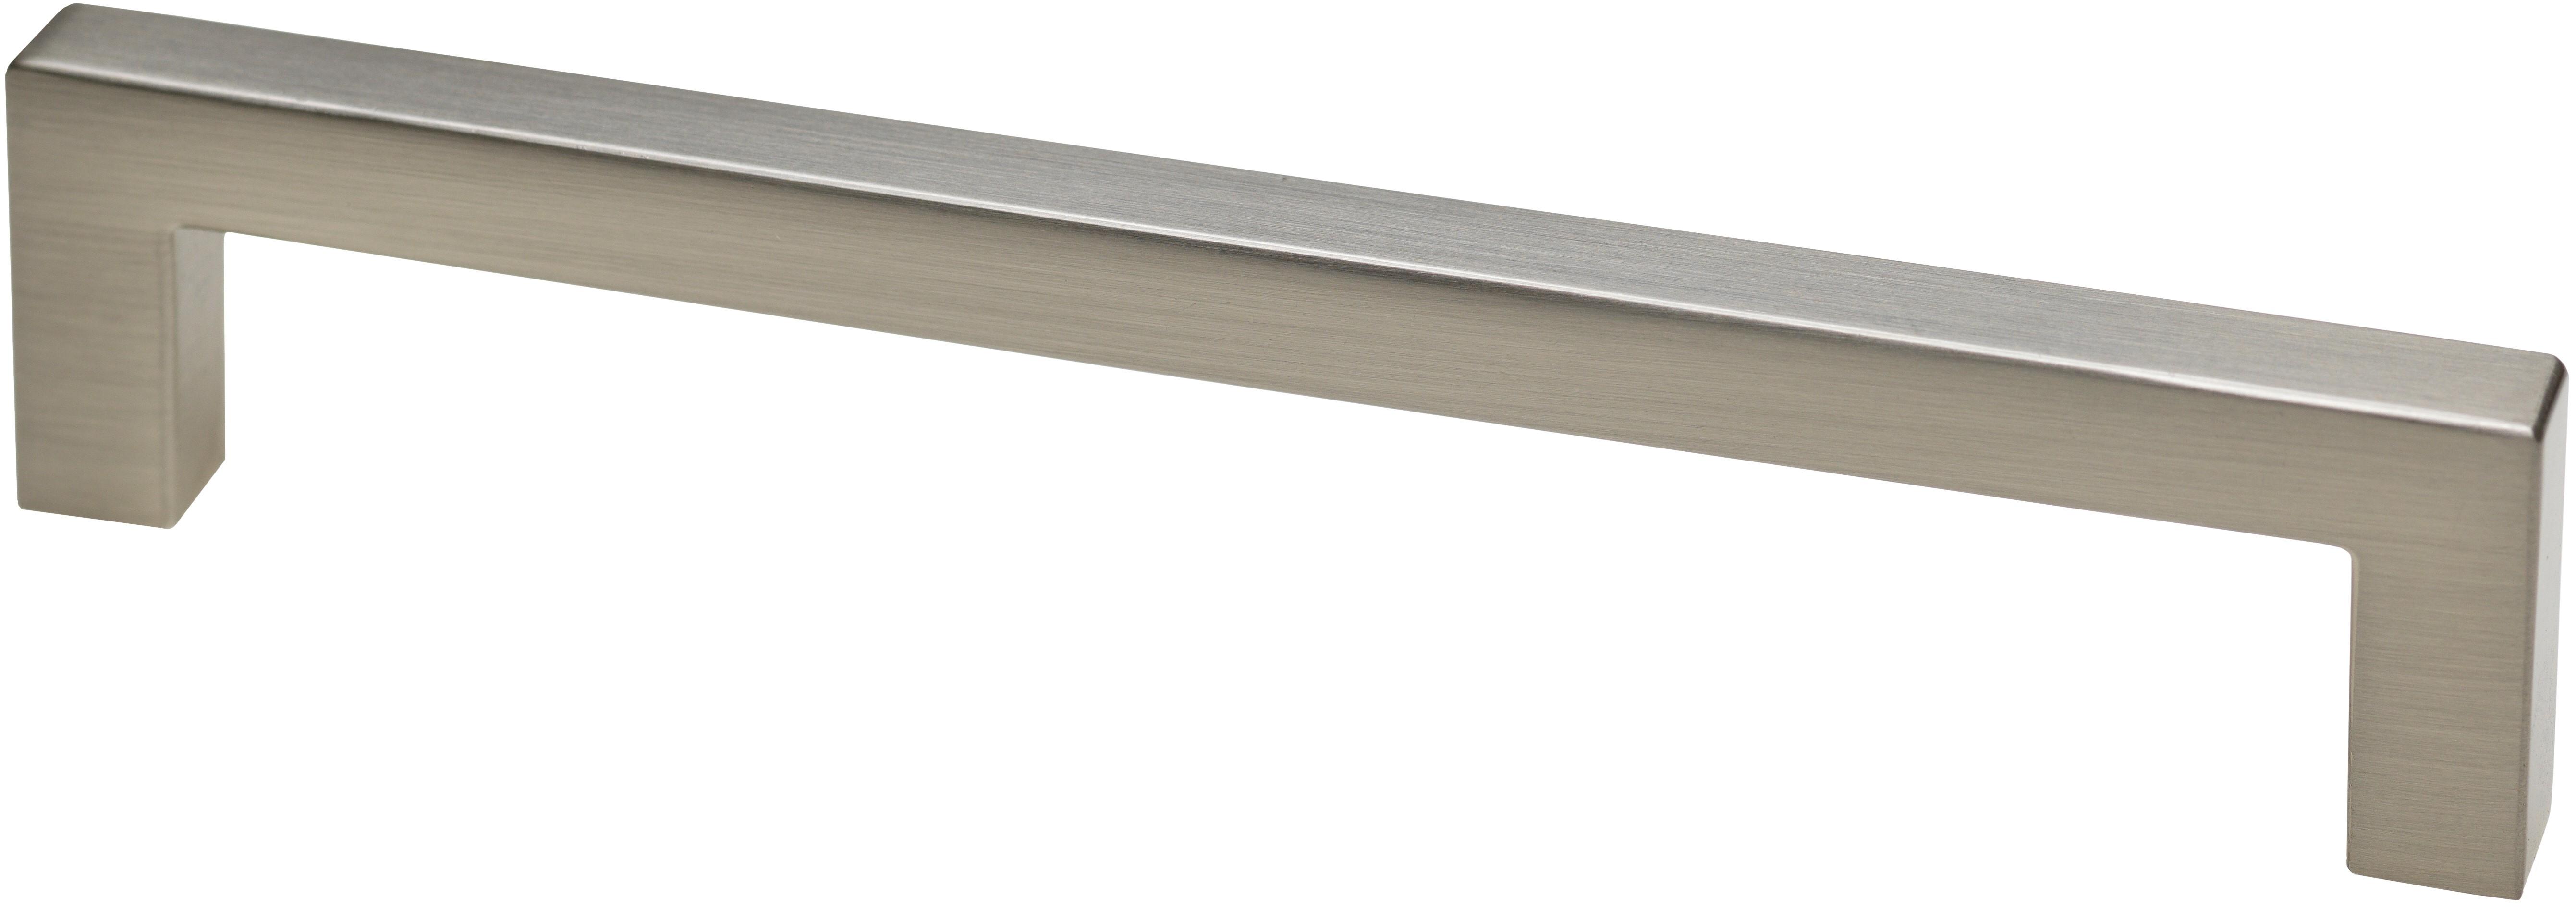 Lifetime Bügelgriffe Metall für Türen- und Schubladenset